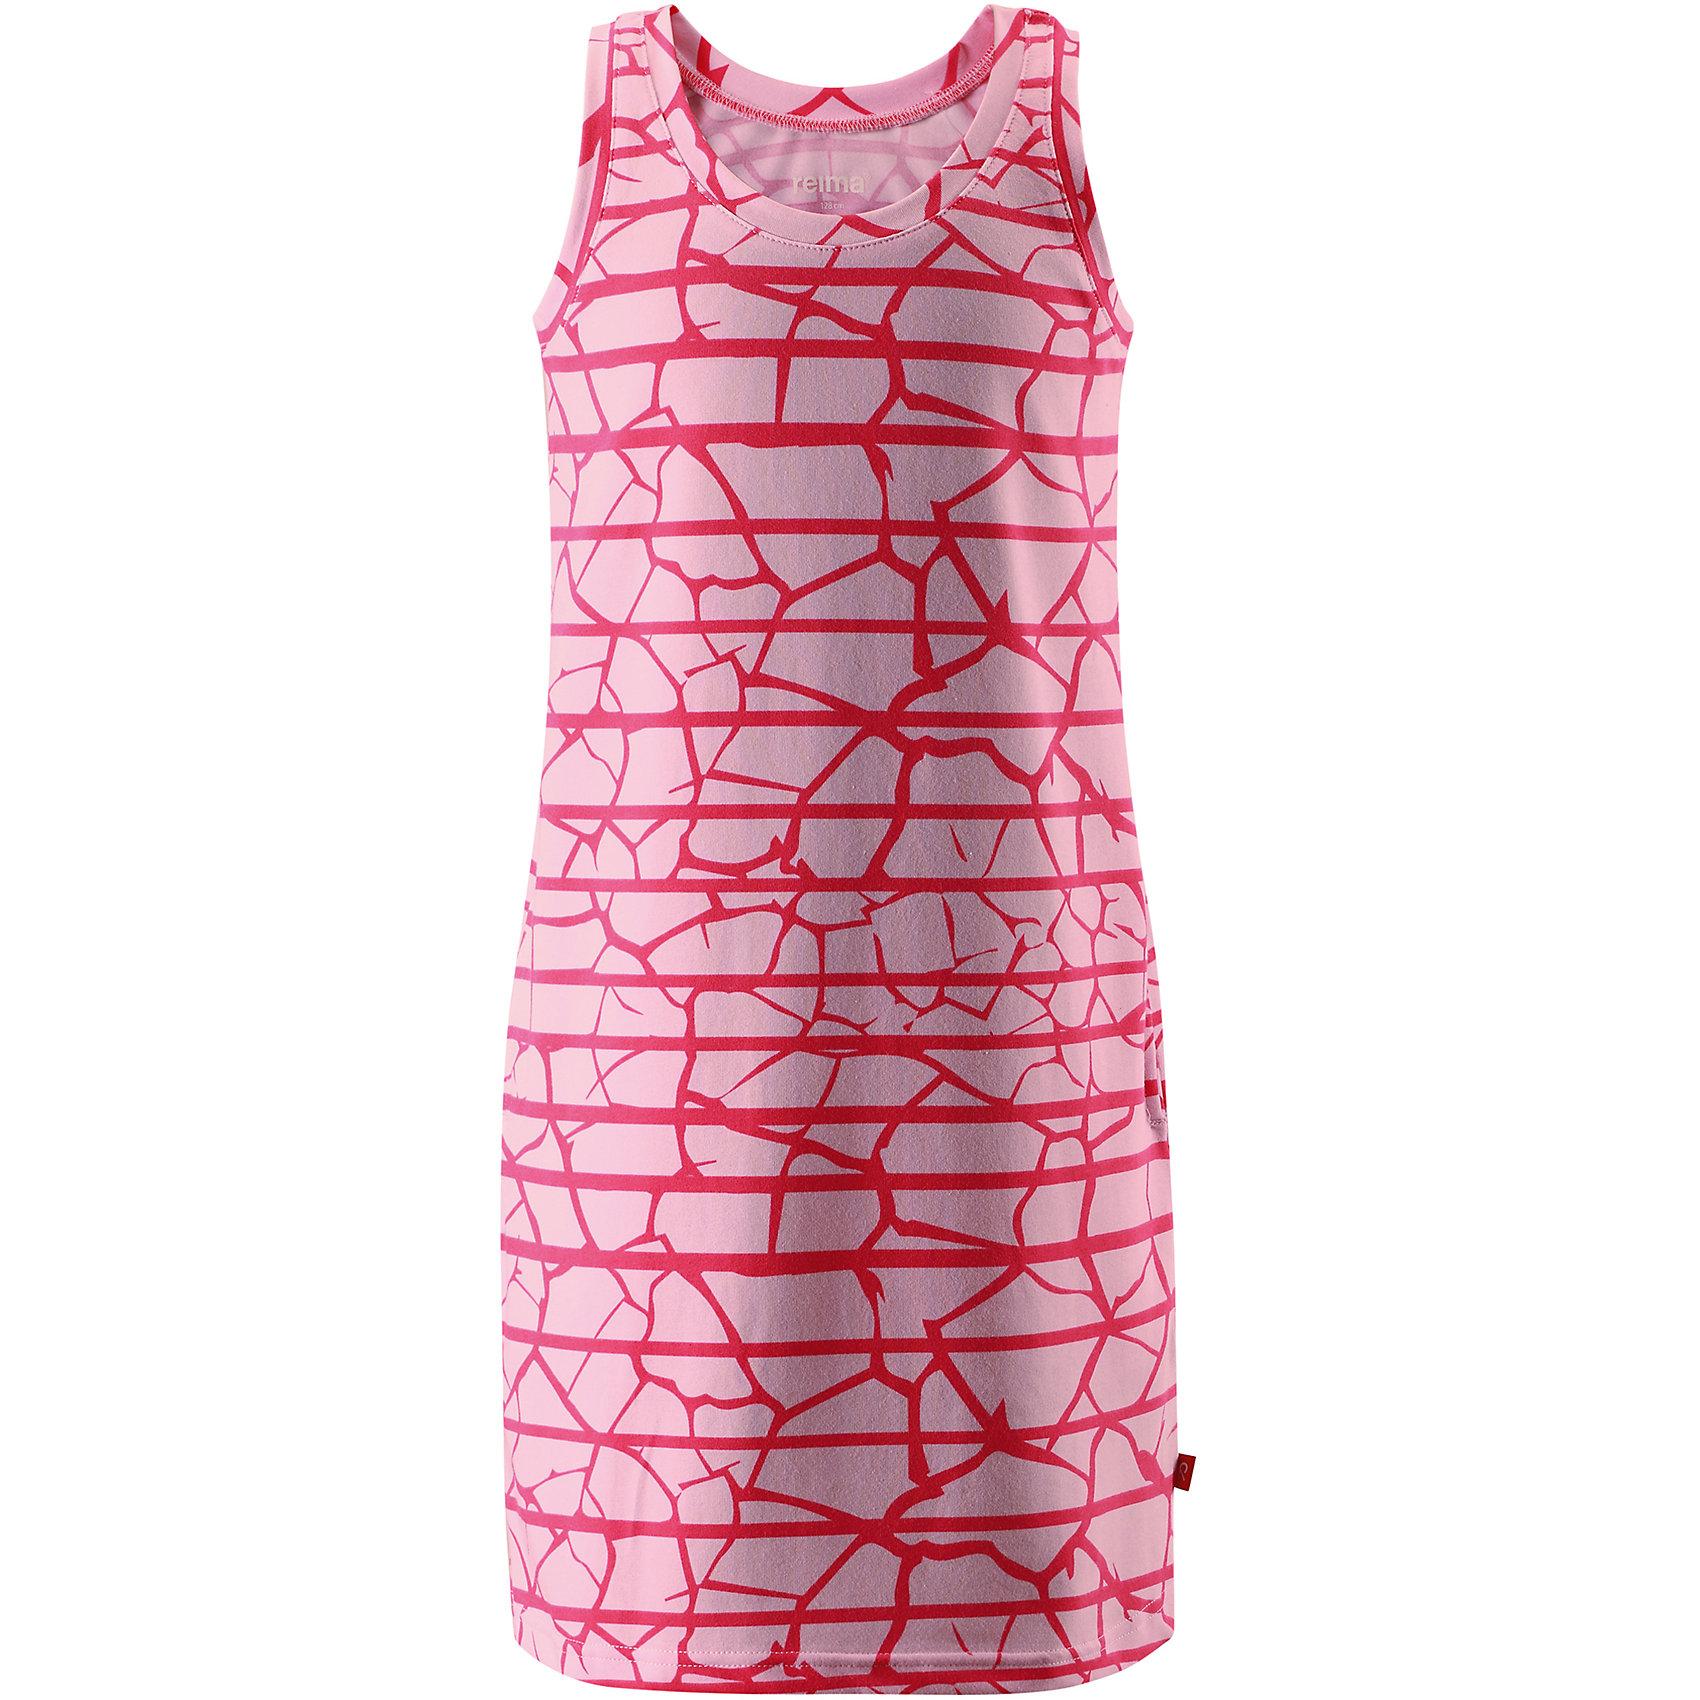 Платье Helle для девочки ReimaОдежда<br>Характеристики товара:<br><br>• цвет: розовый<br>• состав: 65% хлопок, 30% полиэстер, 5% эластан<br>• фактор защиты от ультрафиолета: 40+<br>• быстросохнущий, очень приятный на ощупь материал Play Jersey<br>• приятная на ощупь хлопковая поверхность<br>• влагоотводящая изнаночная сторона<br>• без рукавов<br>• страна бренда: Финляндия<br>• страна изготовитель: Китай<br><br>Одежда может быть модной и комфортной одновременно! Удобное симпатичное платье поможет обеспечить ребенку комфорт - оно не стесняет движения и удобно сидит.<br><br>Уход:<br><br>• стирать и гладить, вывернув наизнанку<br>• стирать с бельем одинакового цвета<br>• стирать моющим средством, не содержащим отбеливающие вещества<br>• полоскать без специального средства<br>• придать первоначальную форму вo влажном виде.<br><br>Платье для девочки от финского бренда Reima (Рейма) можно купить в нашем интернет-магазине.<br><br>Ширина мм: 236<br>Глубина мм: 16<br>Высота мм: 184<br>Вес г: 177<br>Цвет: розовый<br>Возраст от месяцев: 120<br>Возраст до месяцев: 132<br>Пол: Женский<br>Возраст: Детский<br>Размер: 146,122,152,164,104,110,116,158,128,134,140<br>SKU: 5267461